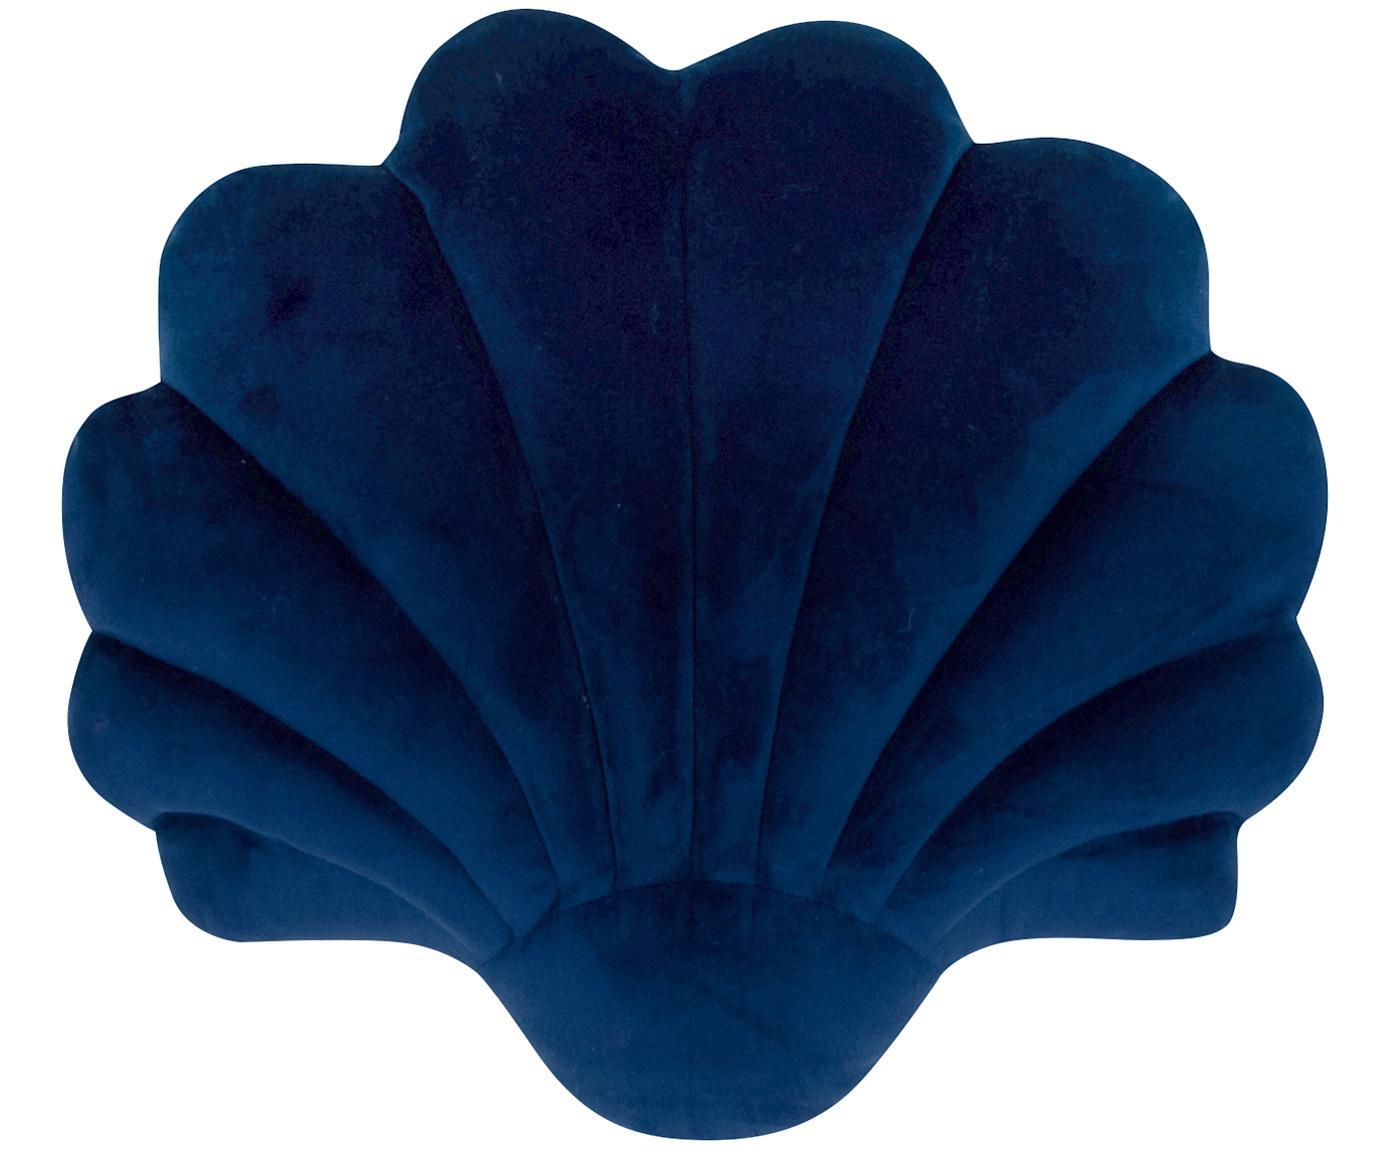 Cuscino Shell, Retro: 100% cotone, Blu scuro, Larg. 28 x Lung. 30 cm